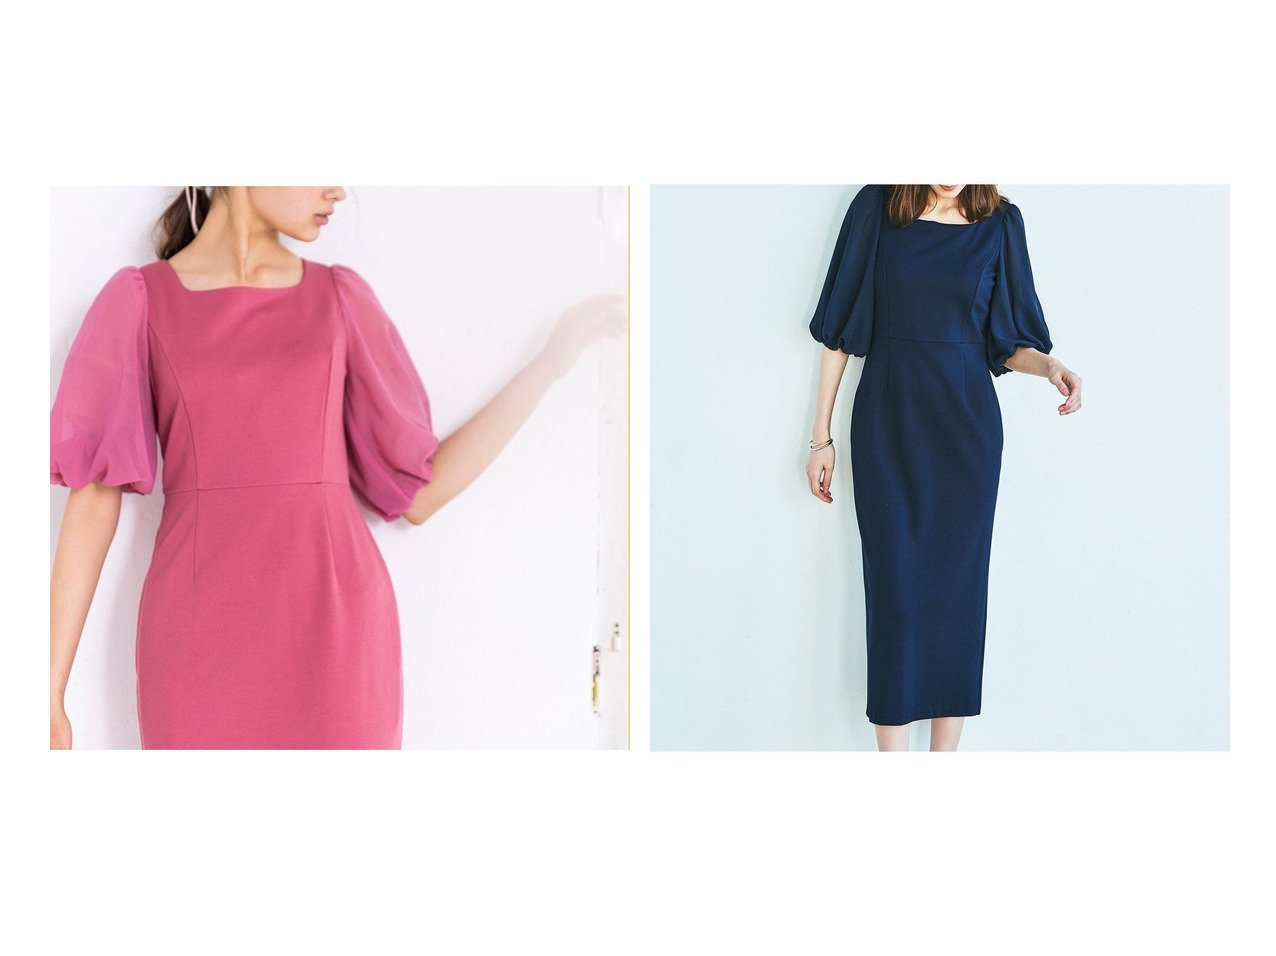 【TOCCA/トッカ】の【TOCCA LAVENDER】Puff Sleeve Jersey Dress ドレス 【ワンピース・ドレス】おすすめ!人気、トレンド・レディースファッションの通販 おすすめで人気の流行・トレンド、ファッションの通販商品 インテリア・家具・メンズファッション・キッズファッション・レディースファッション・服の通販 founy(ファニー) https://founy.com/ ファッション Fashion レディースファッション WOMEN ワンピース Dress ドレス Party Dresses 送料無料 Free Shipping ドレス 雑誌 |ID:crp329100000054084